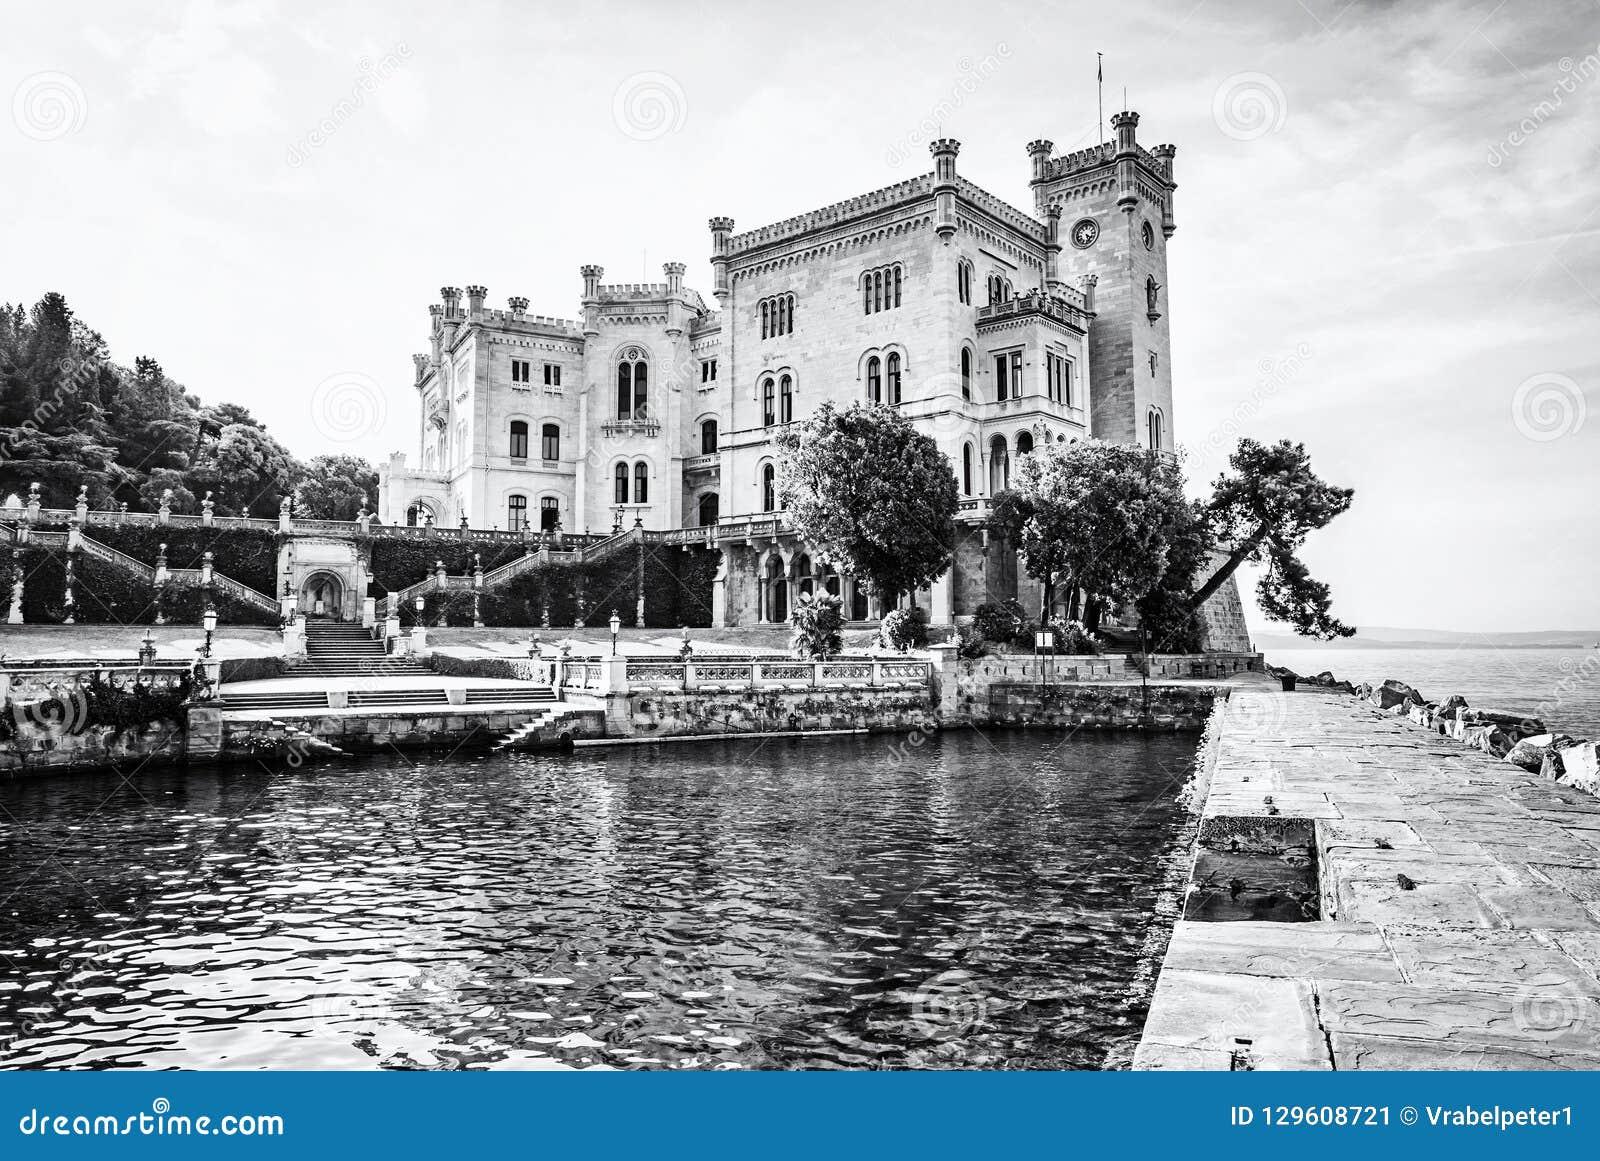 Castillo de Miramare cerca de Trieste, Italia, descolorida